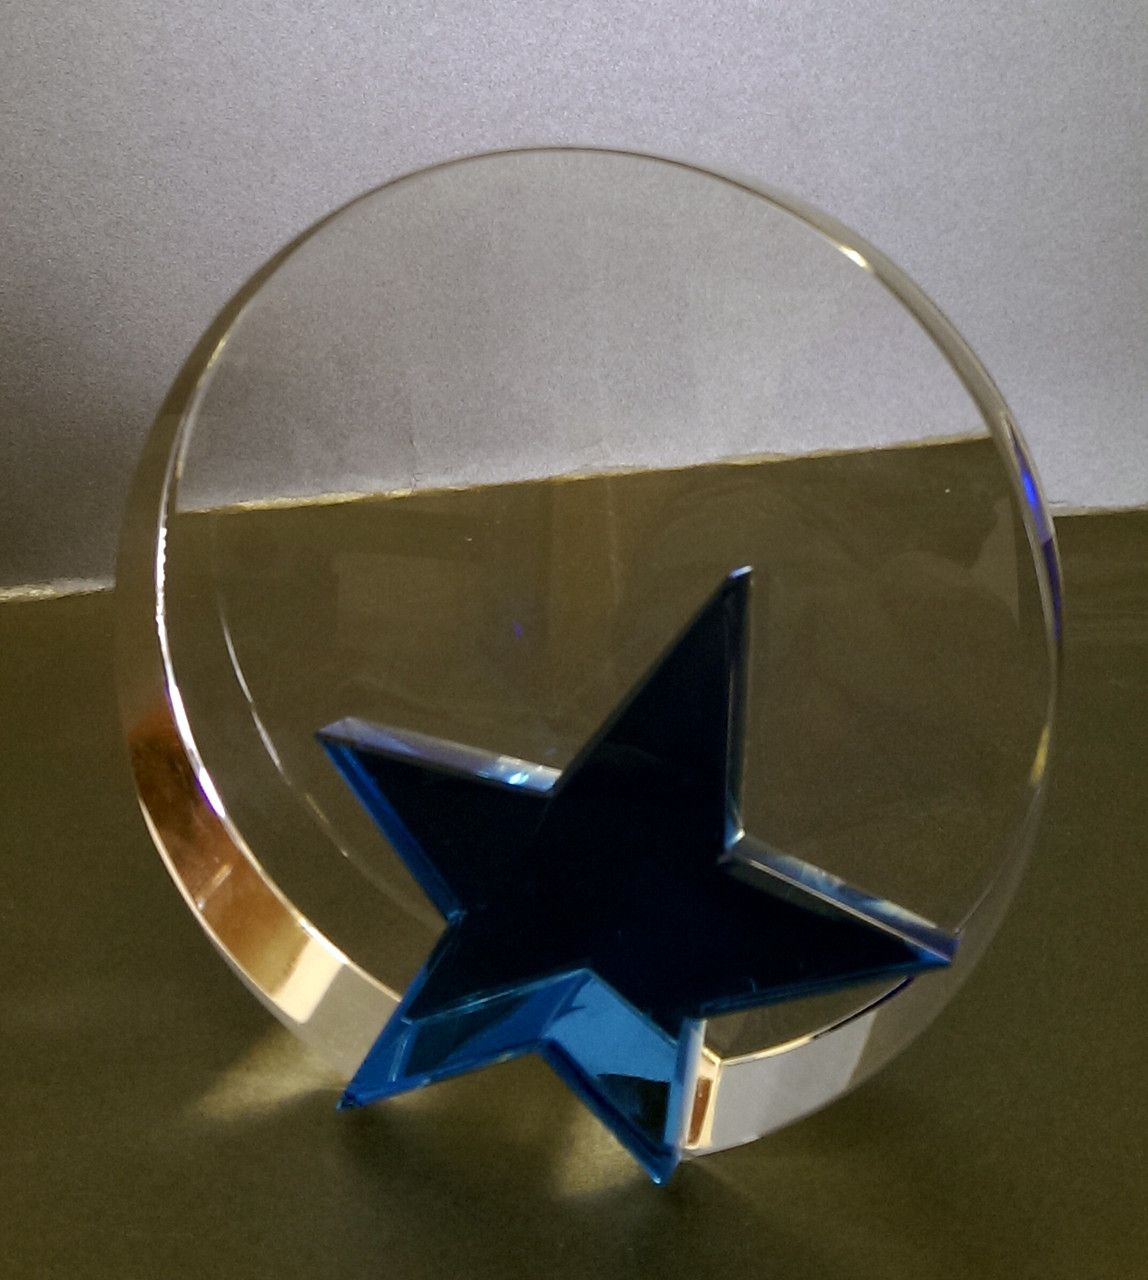 Наградной кристалл со звездой